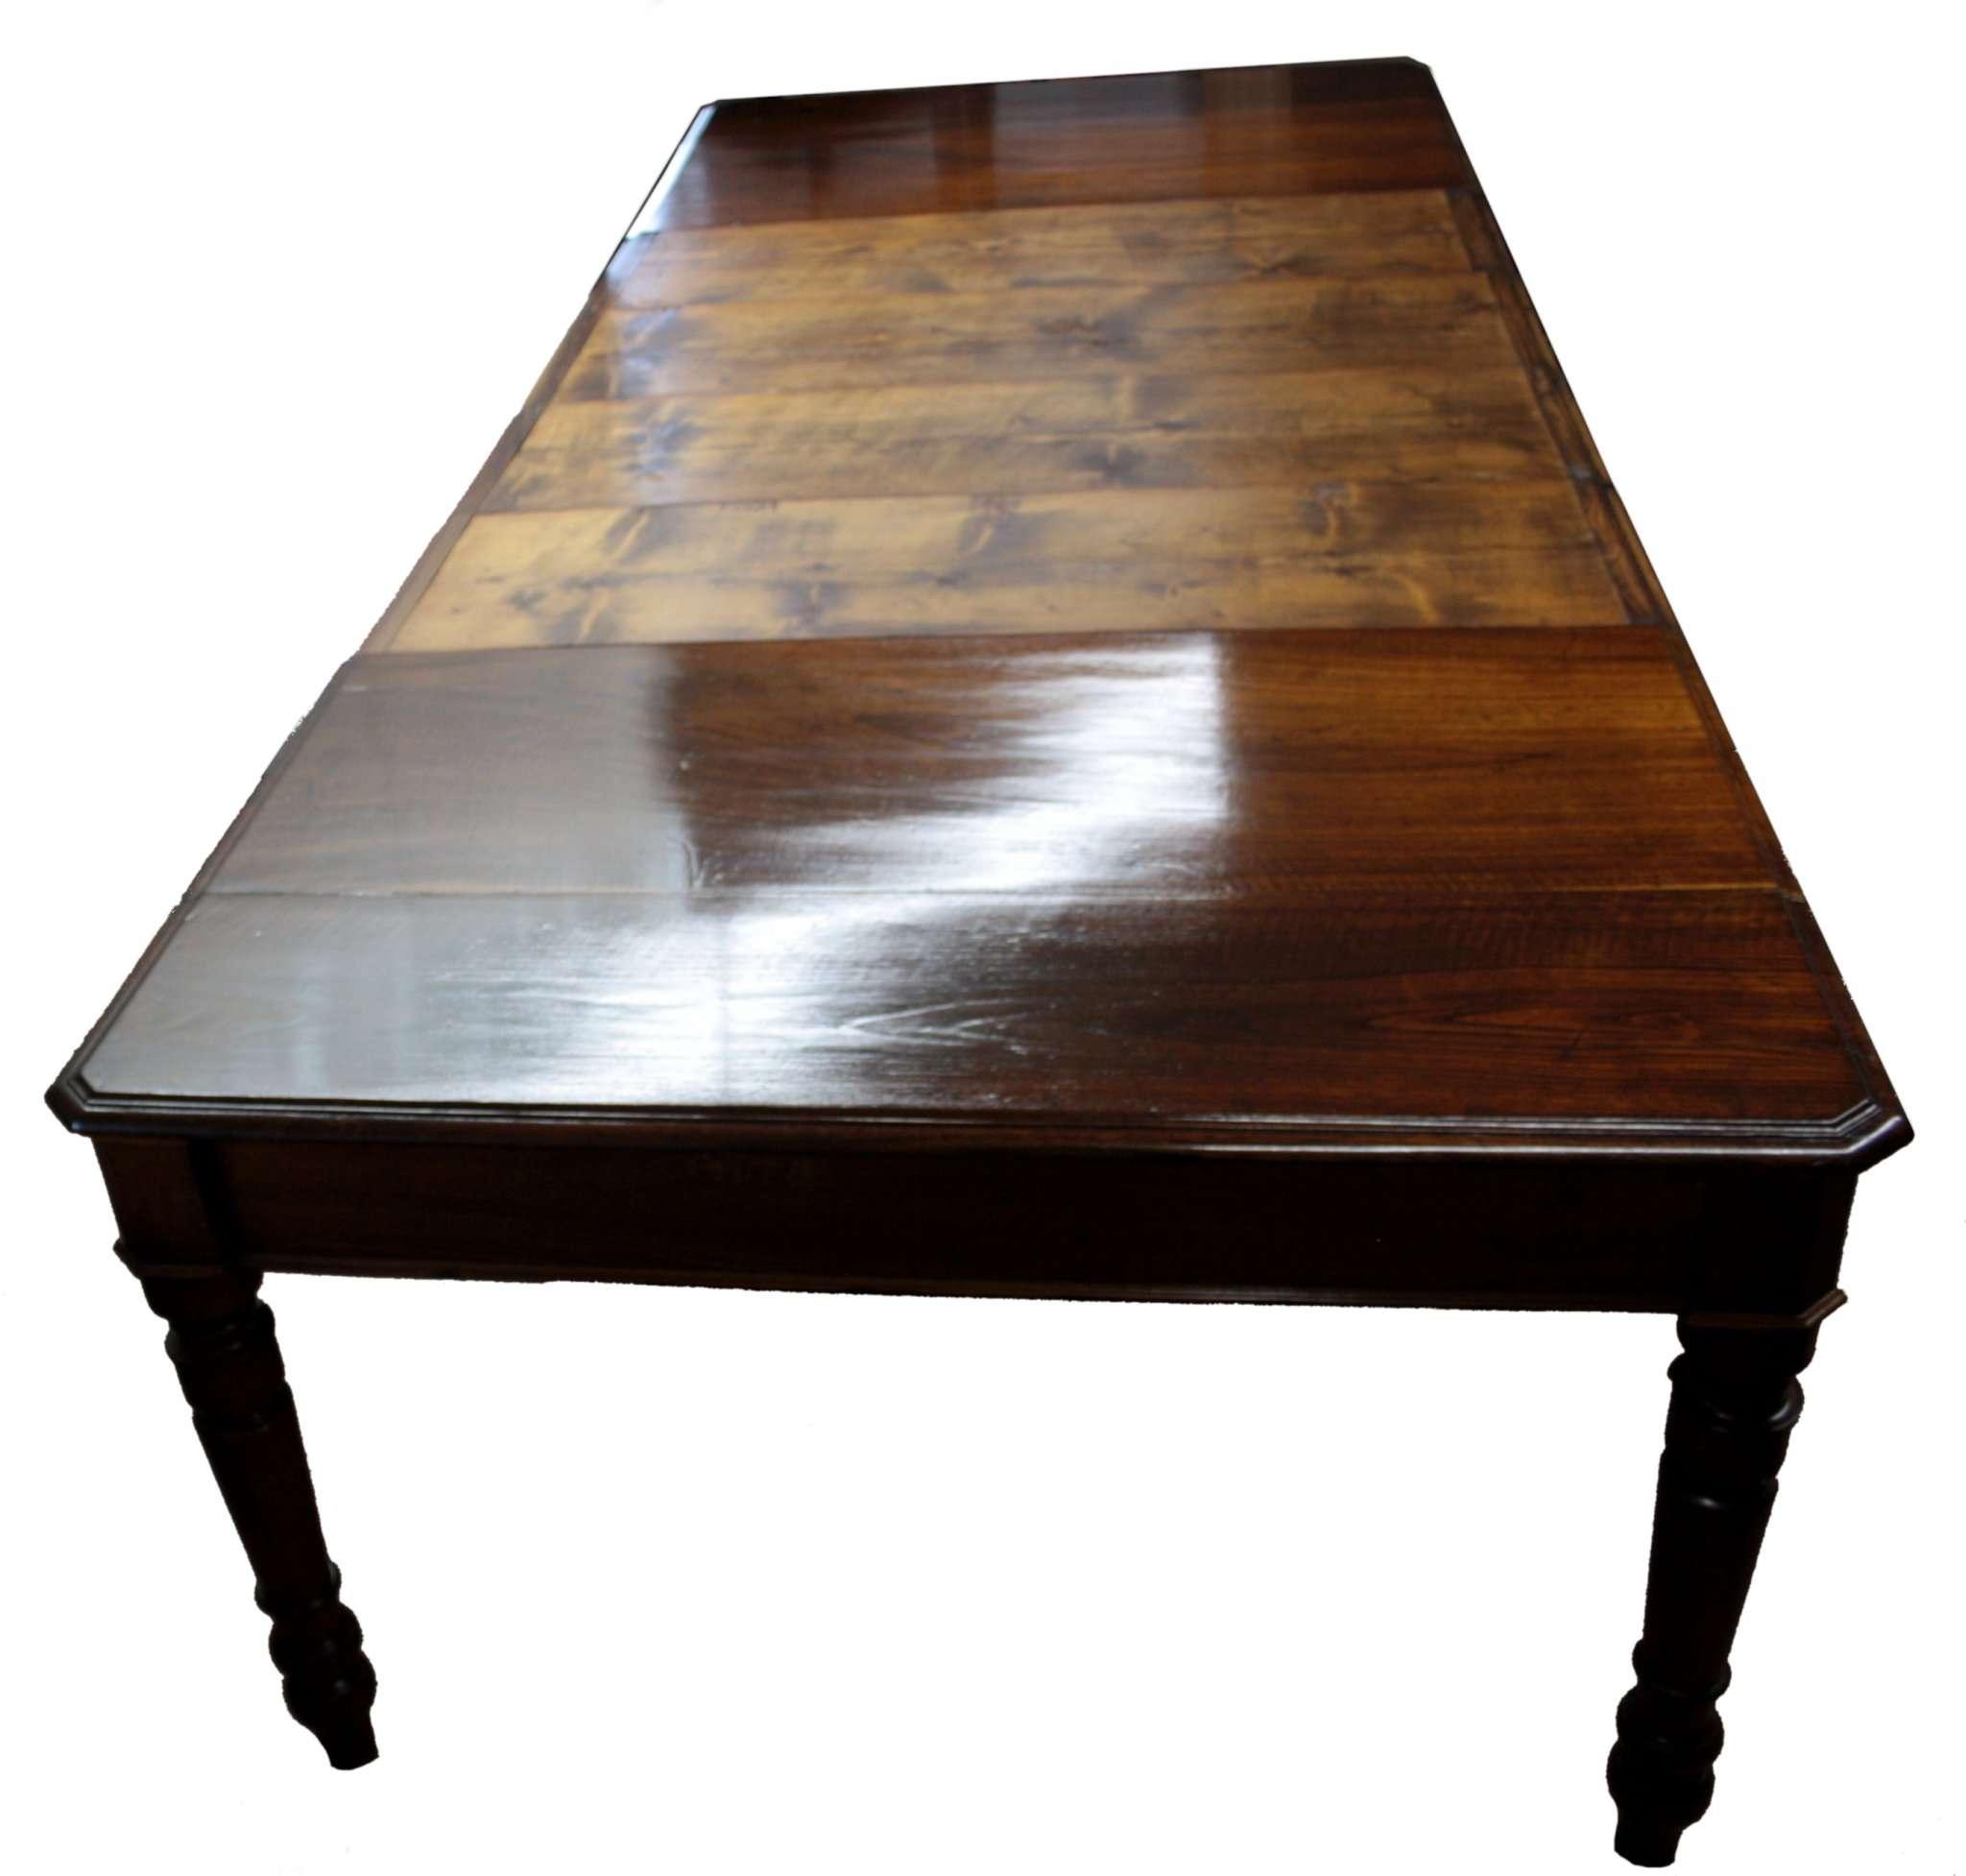 Tavolo Da Pranzo 3 Metri tavolo da pranzo 1800 restaurato in ciliegio e castagno massello  allungabile 3 metri - restauriraia conservazione e restauro di  manufatti in legno